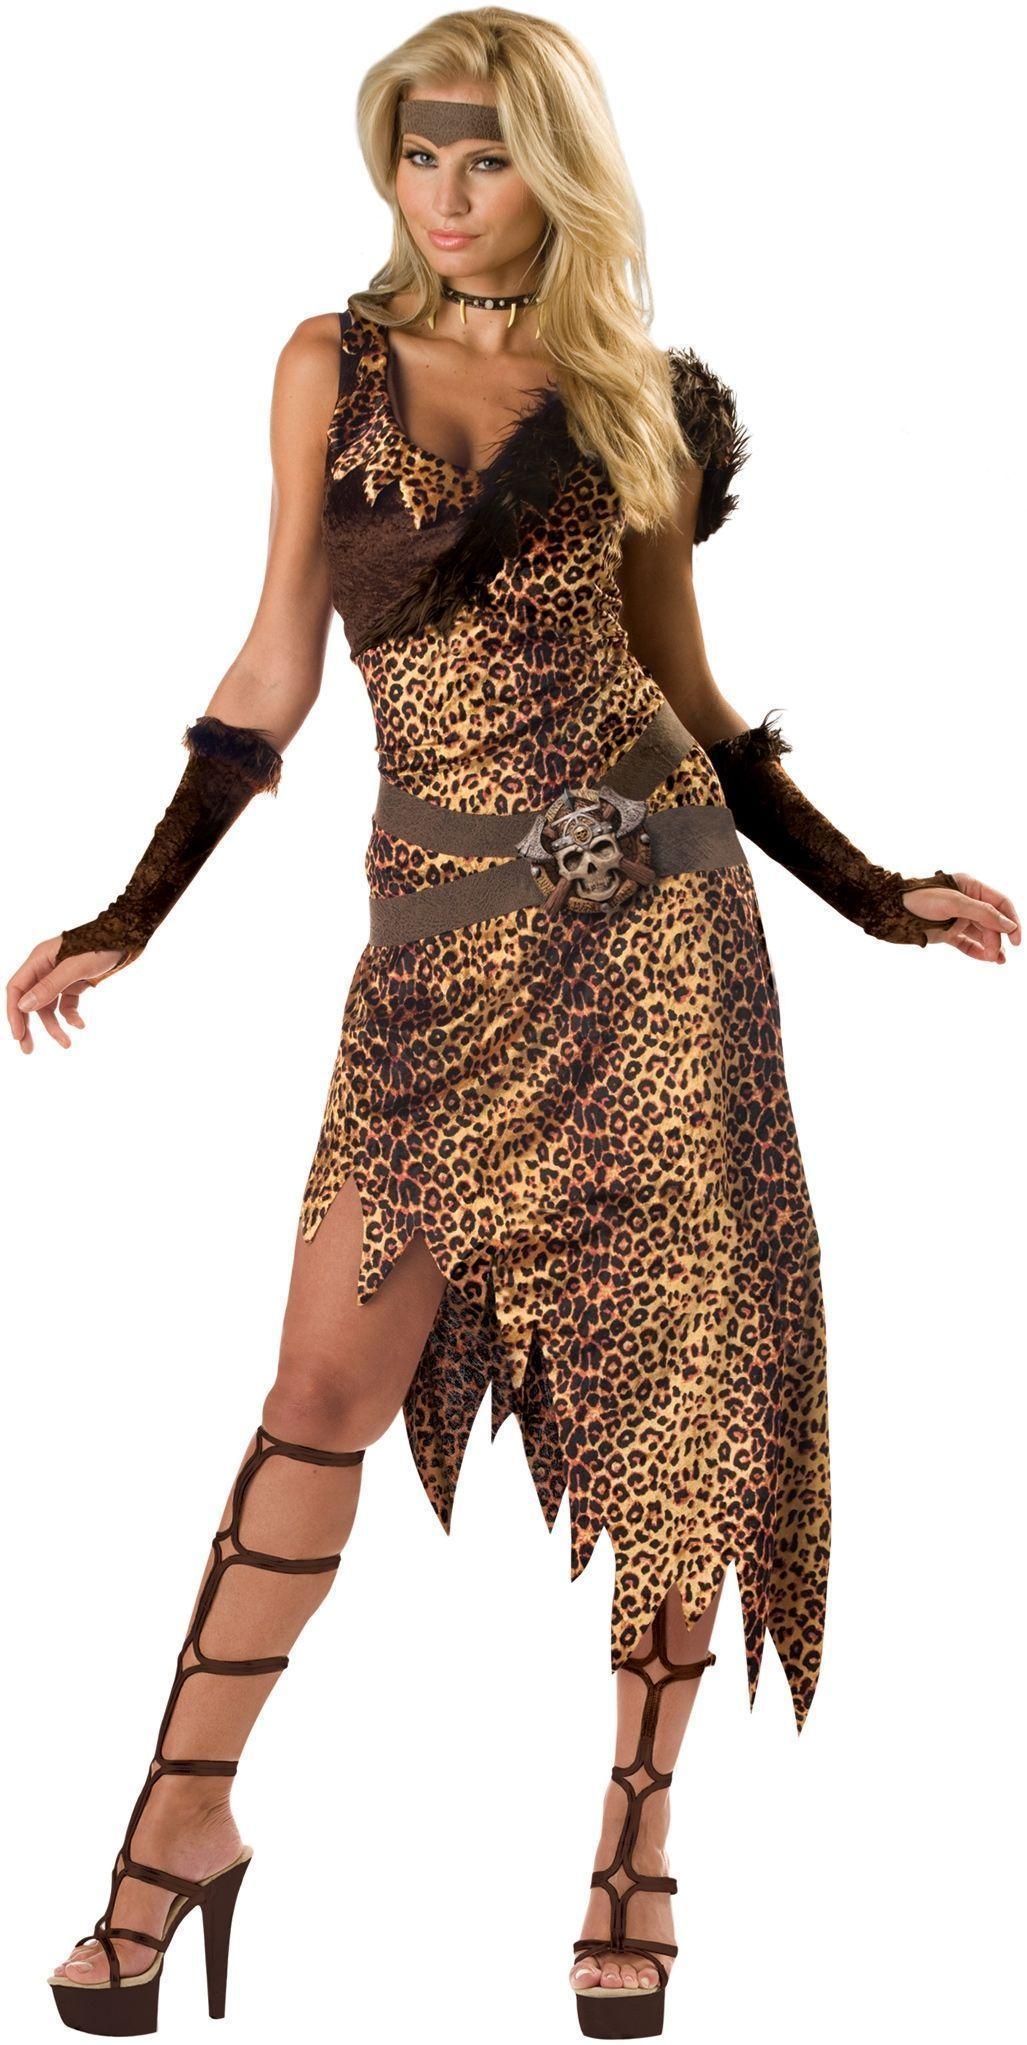 платье амазонки фото шагами, дорогие товарищи